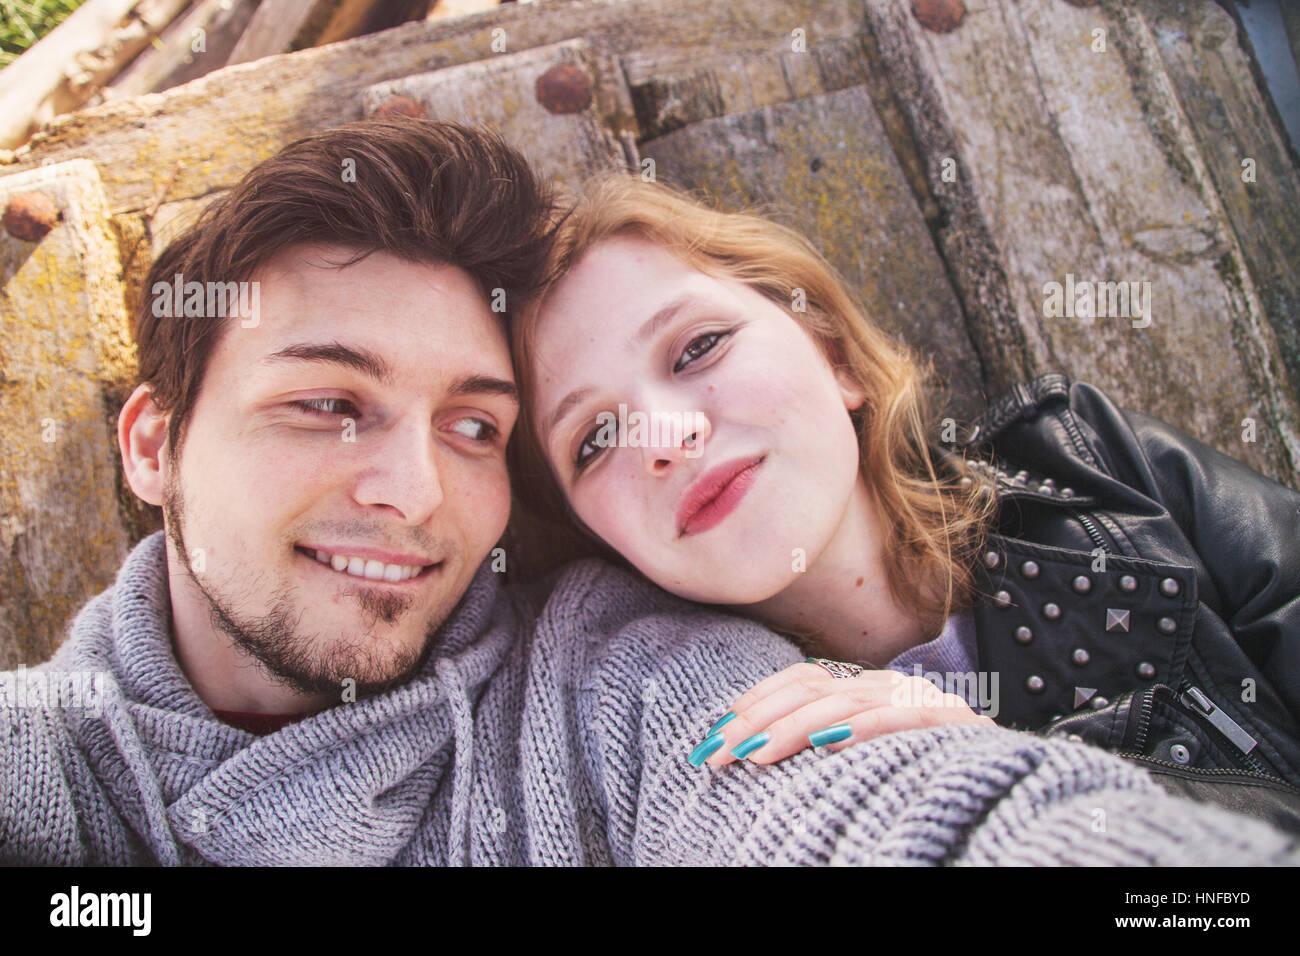 Jeune couple ayant du plaisir et de bons moments ensemble Photo Stock